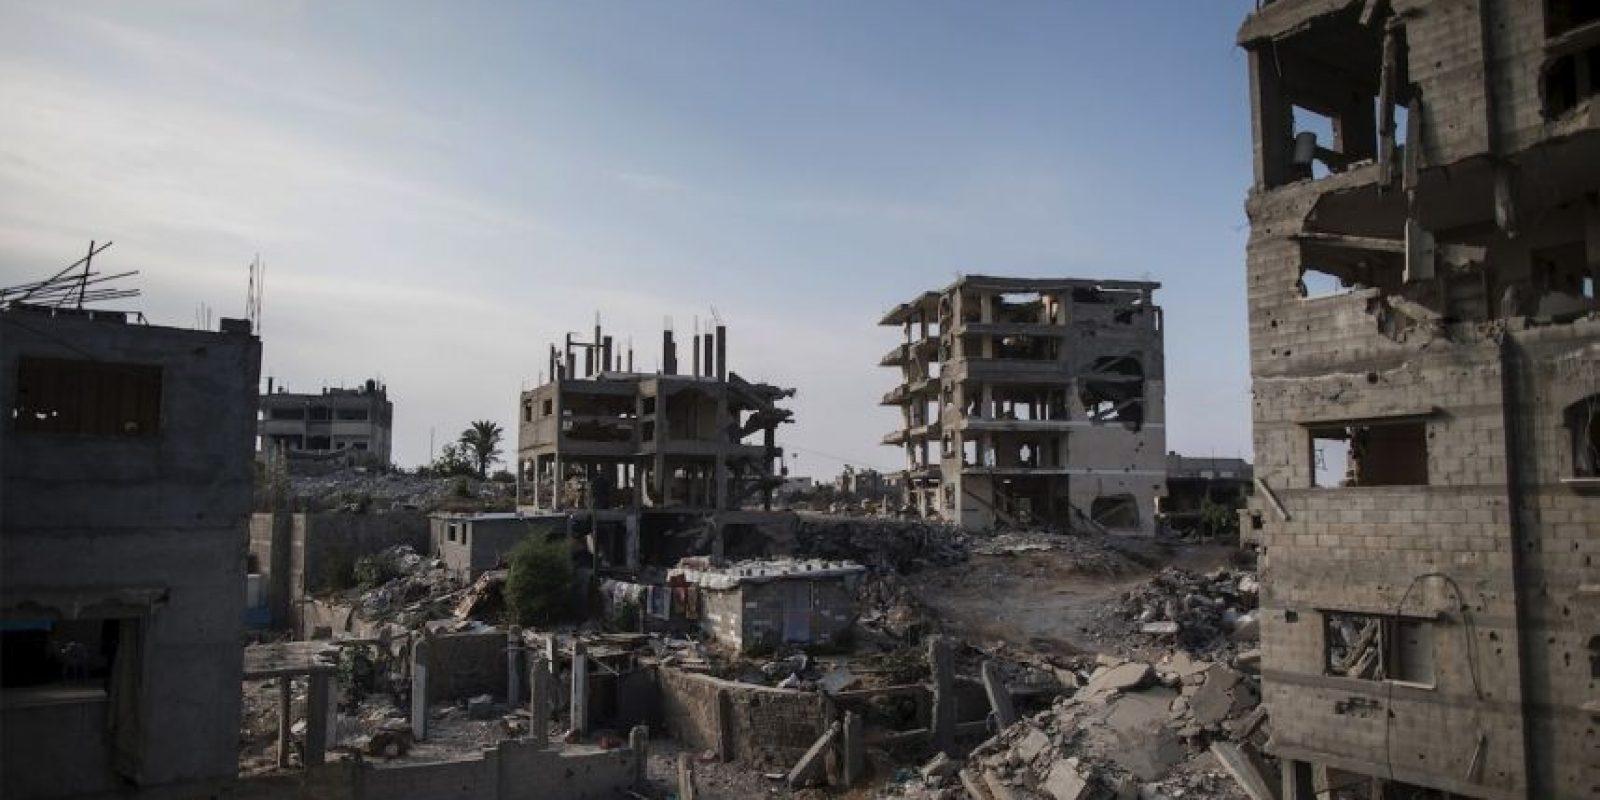 La operación de 2014 causó cerca de 500 mil desplazados Foto:Getty Images